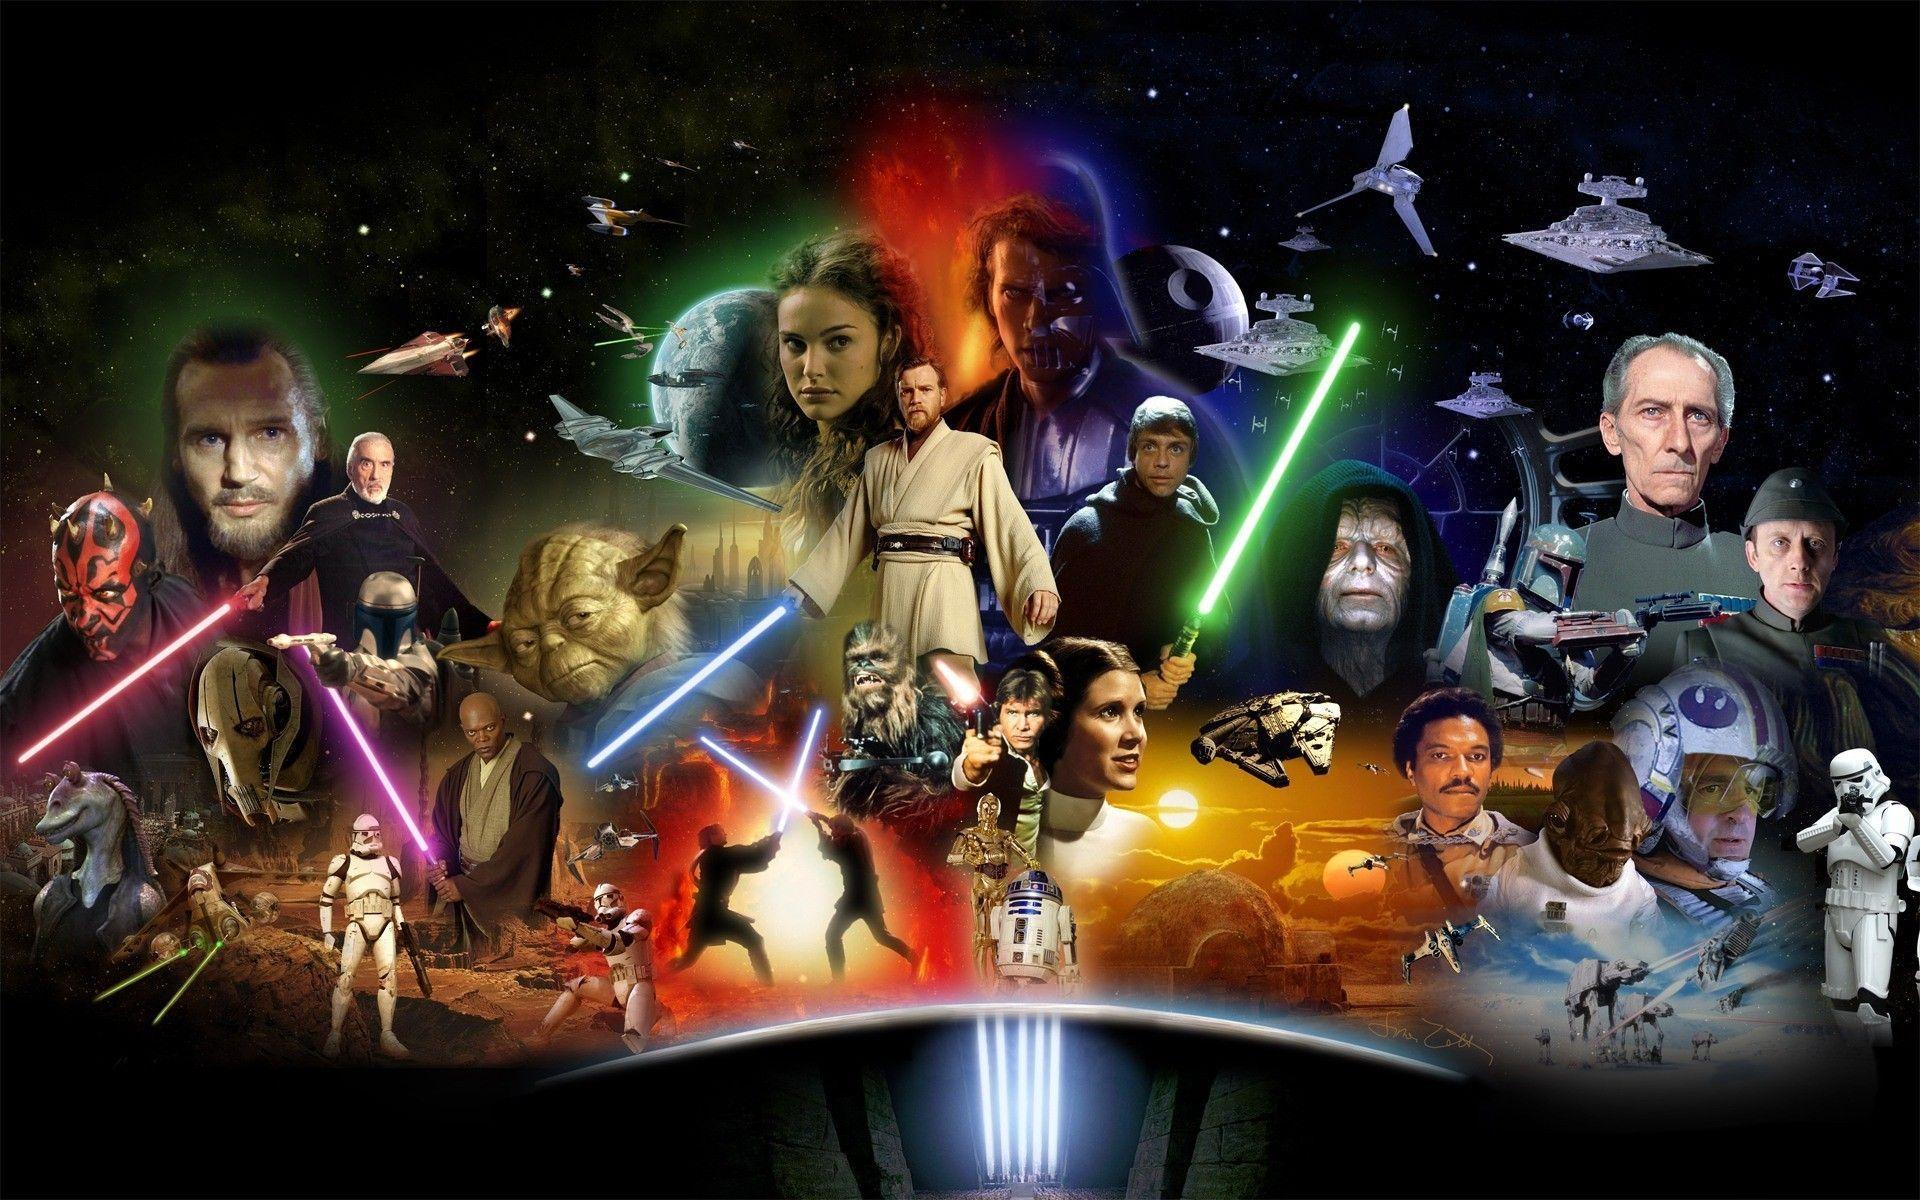 http://PARA MORIRSE DE RISA! STAR WARS ALL STAR!